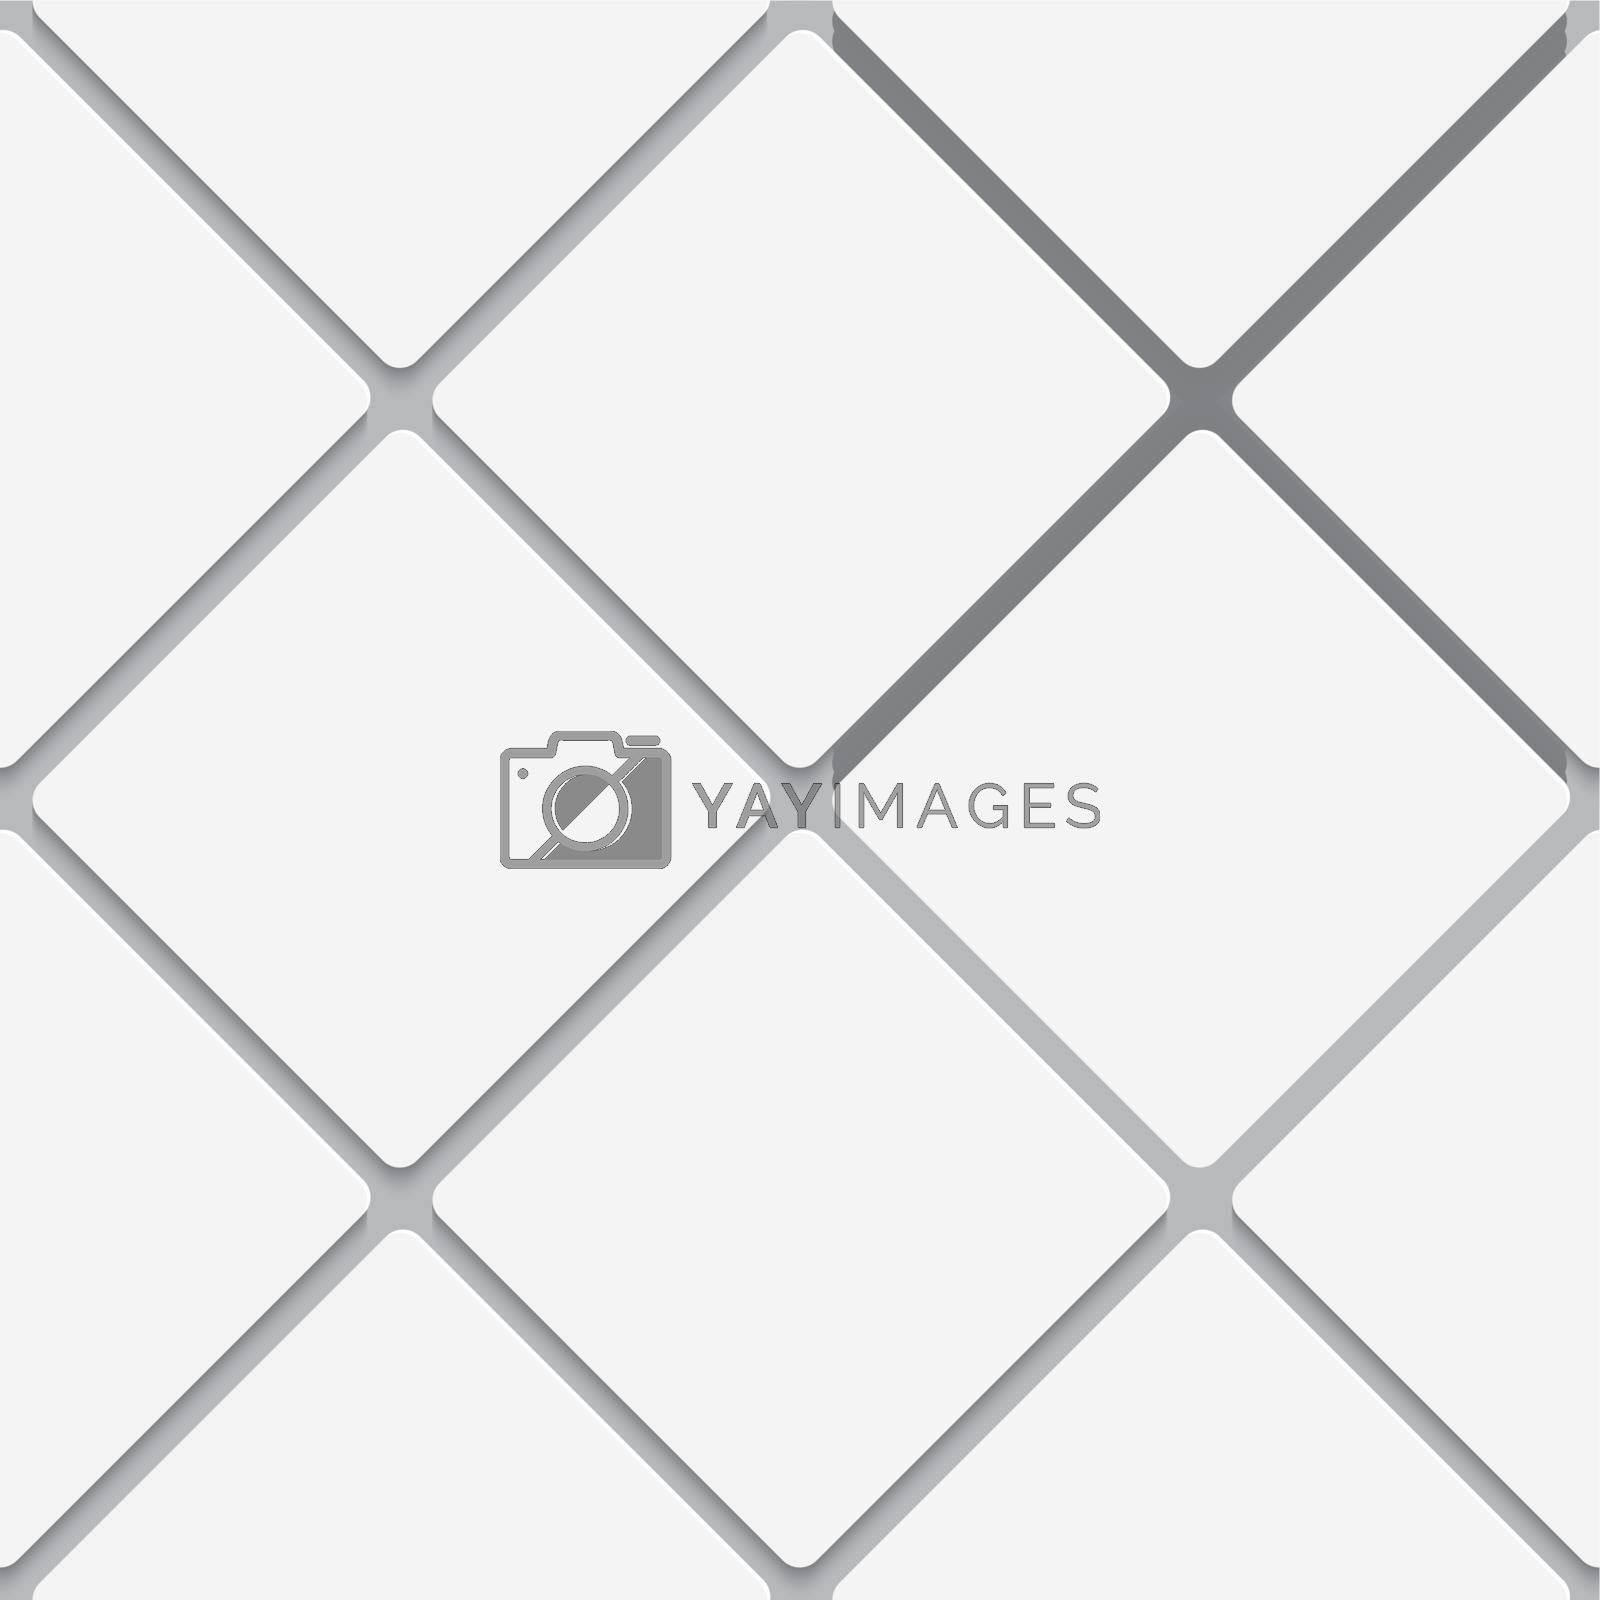 Seamless white diagonal square tiles by Zebra-Finch